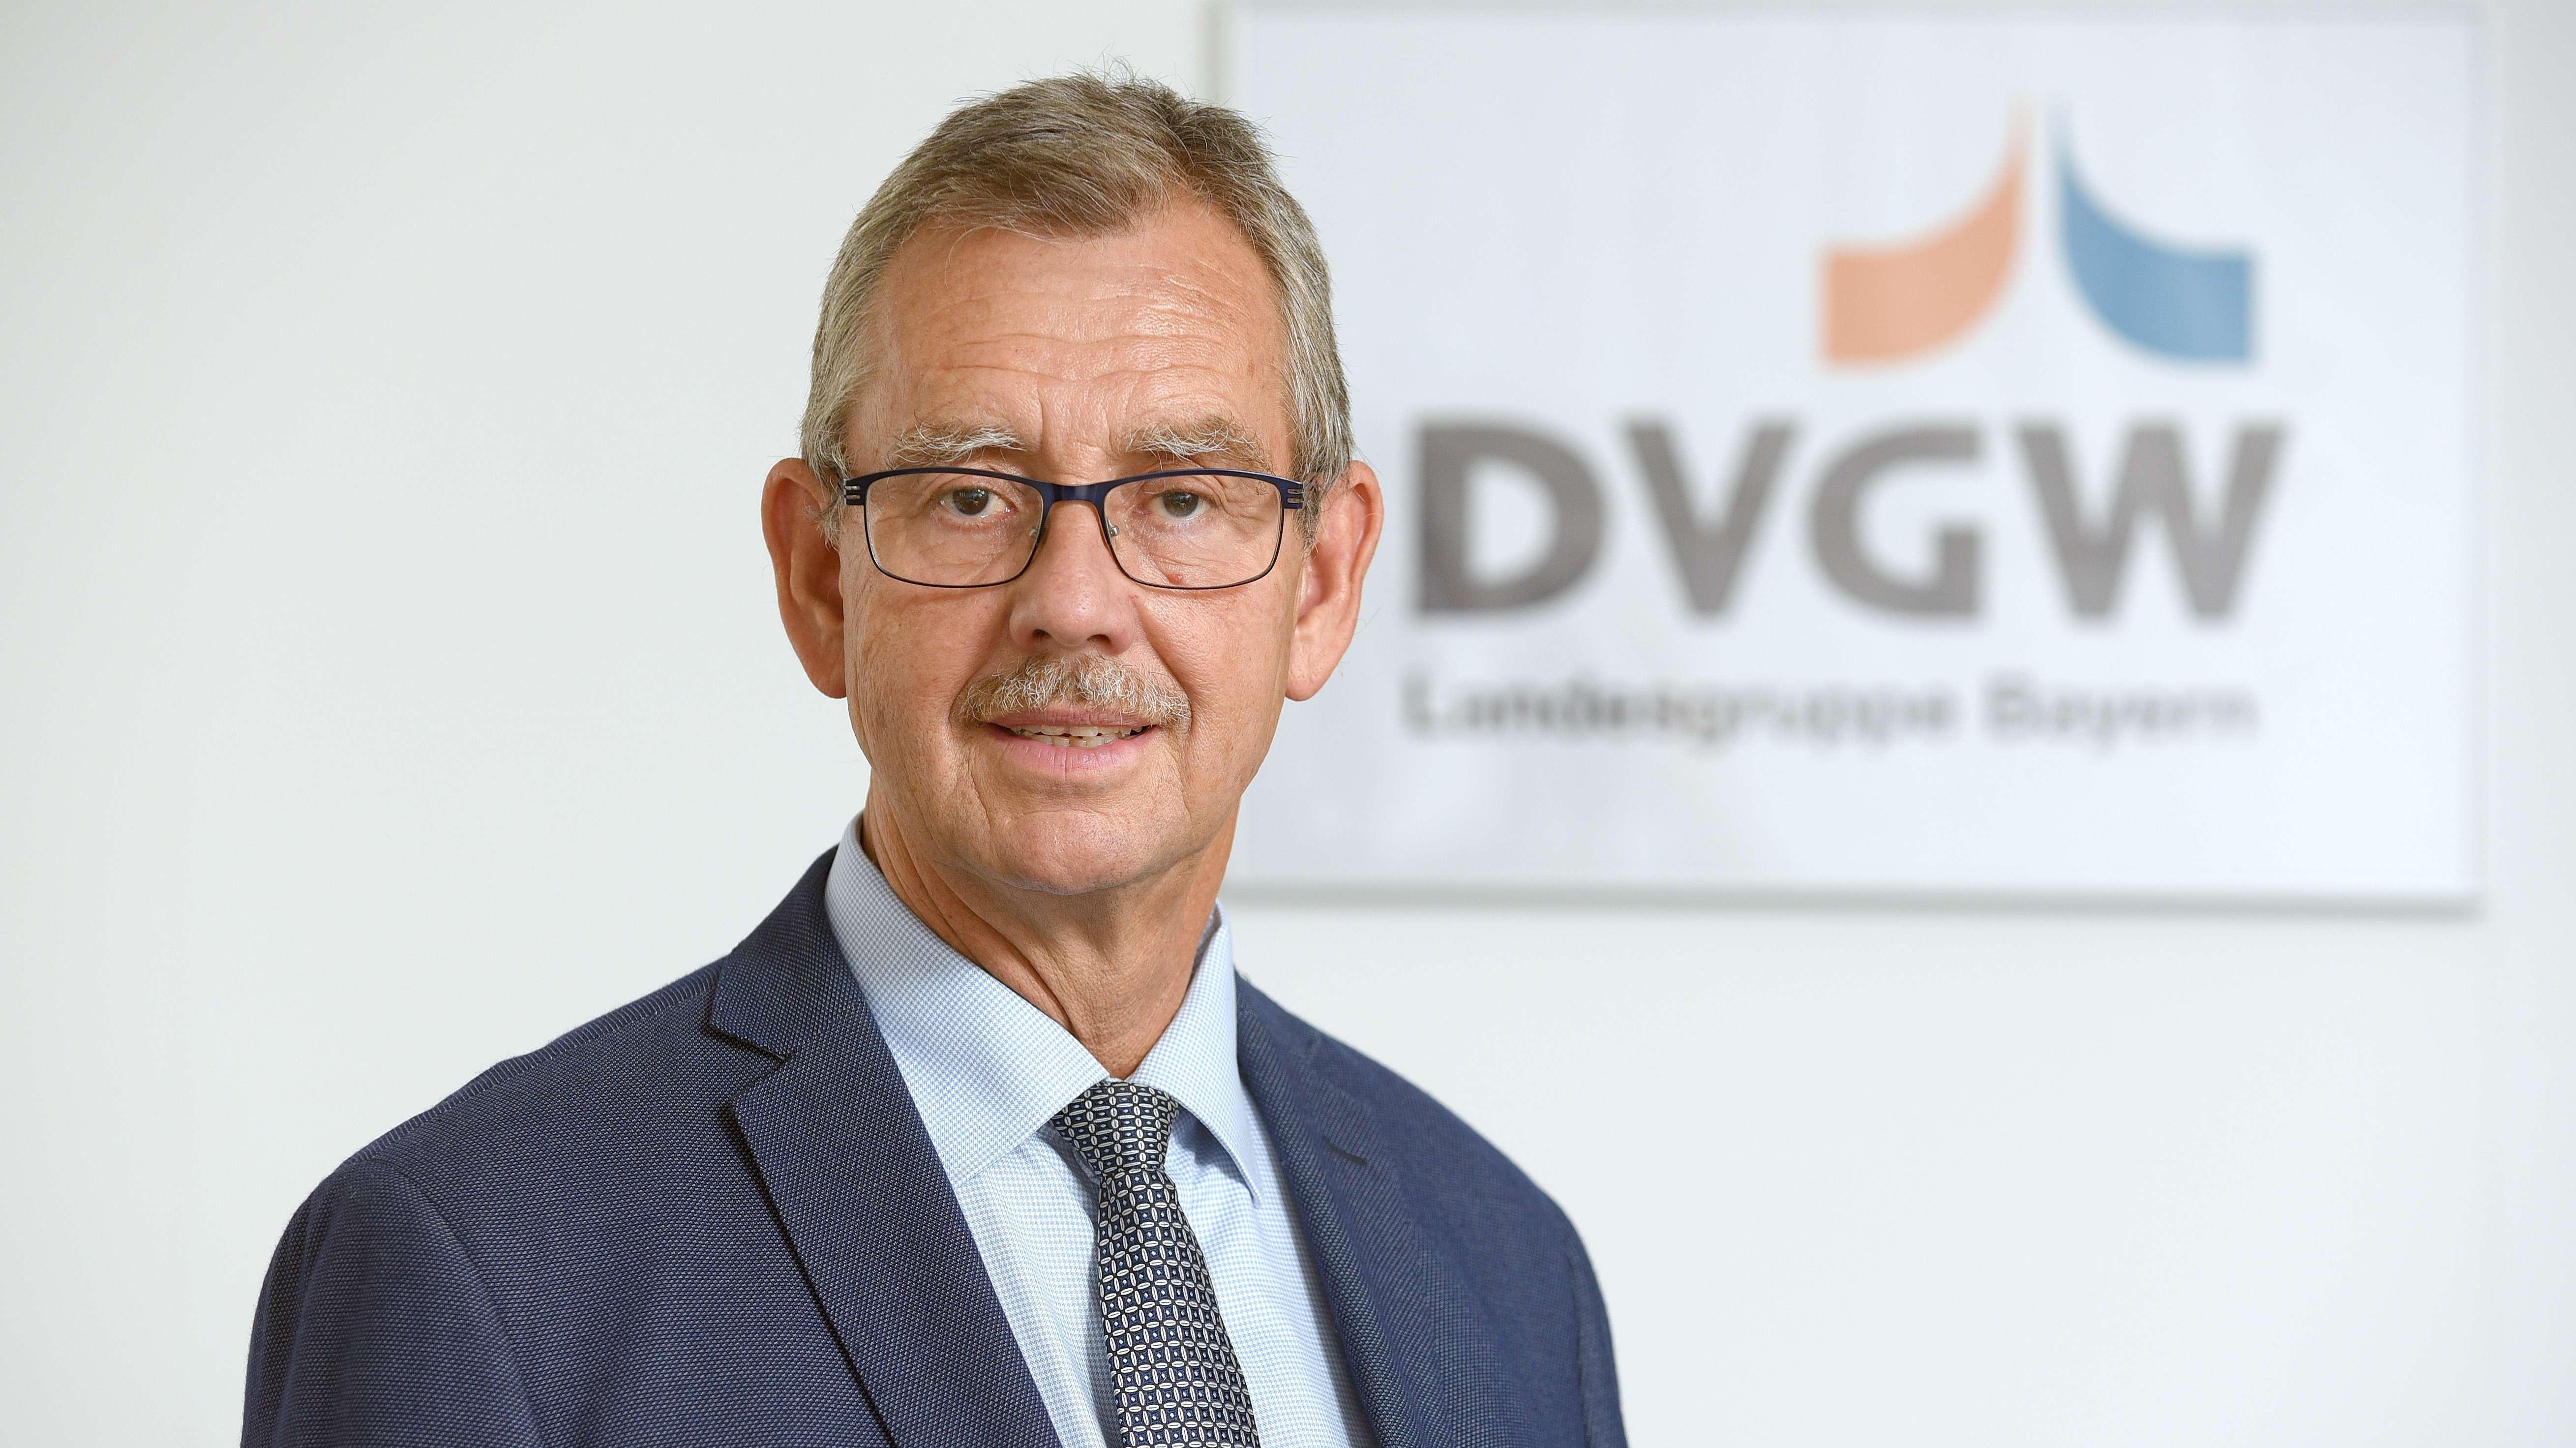 Jörn-Helge Möller, Geschäftsführer der bayerischen Landesgruppe des Deutschen Vereins des Gas- und Wasserfachs